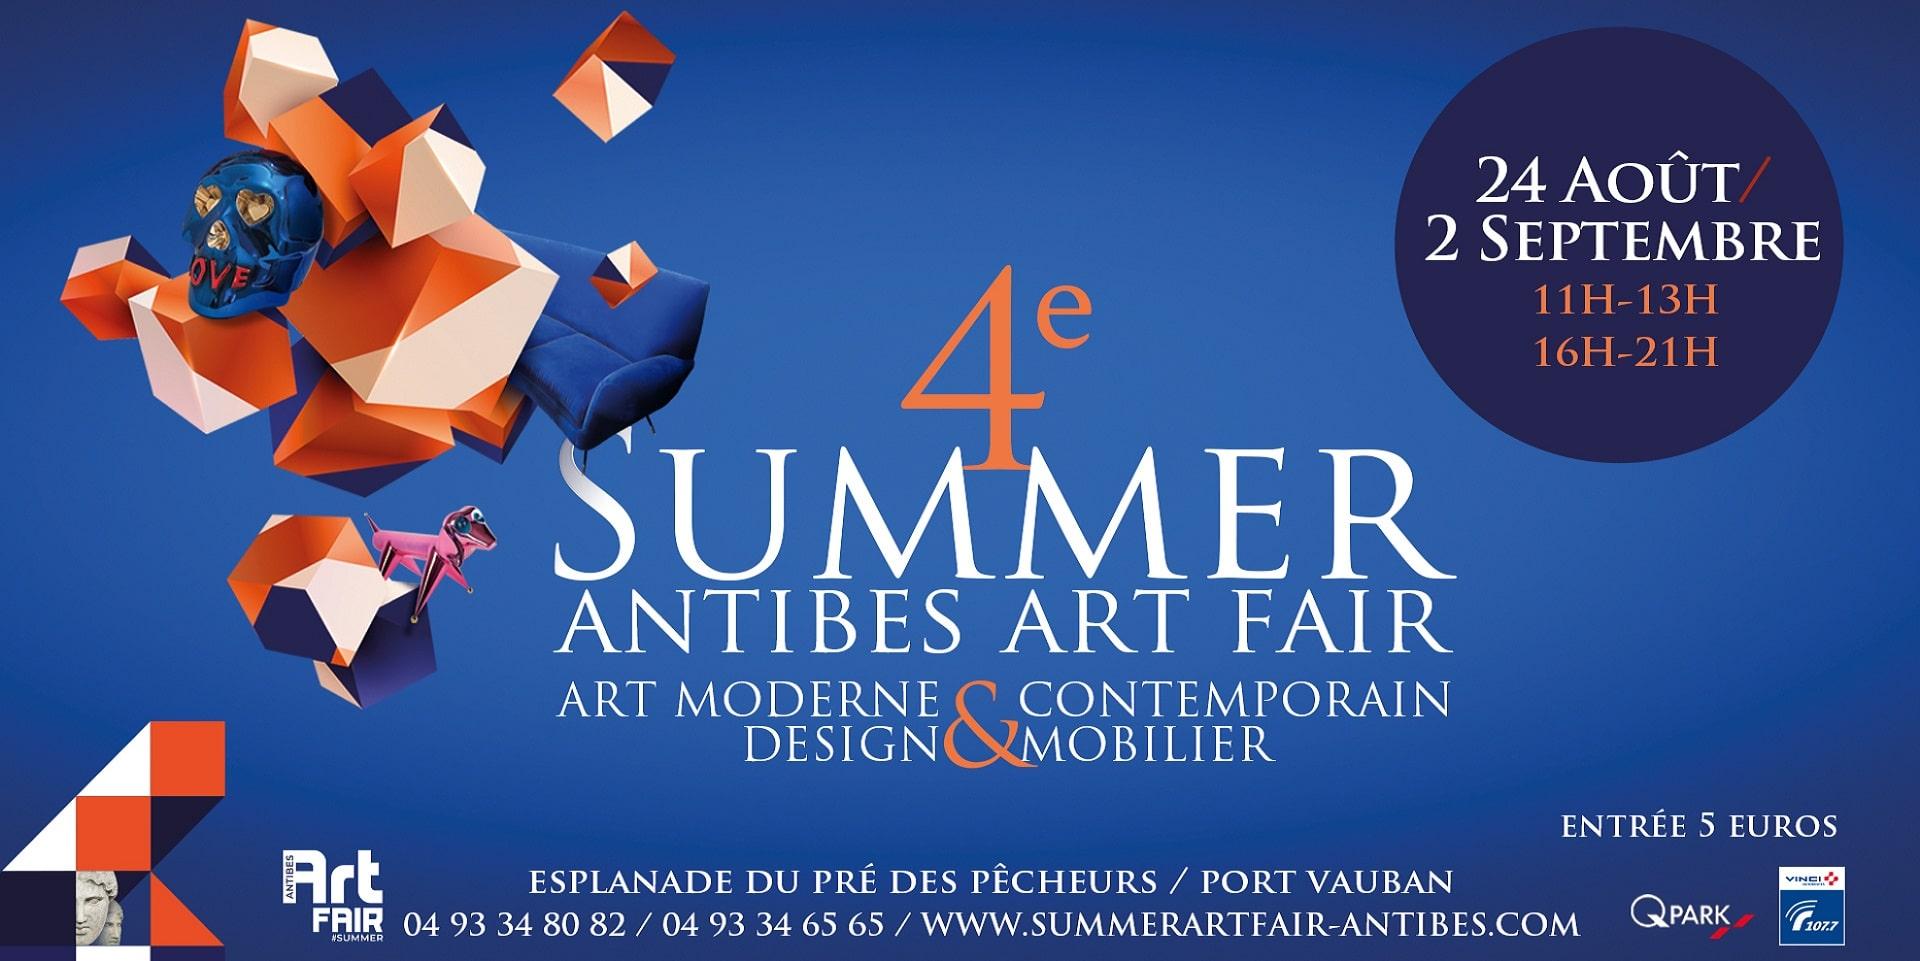 SUMMER ART FAIR, du 24 août au 2 septembre 2019 – ANTIBES